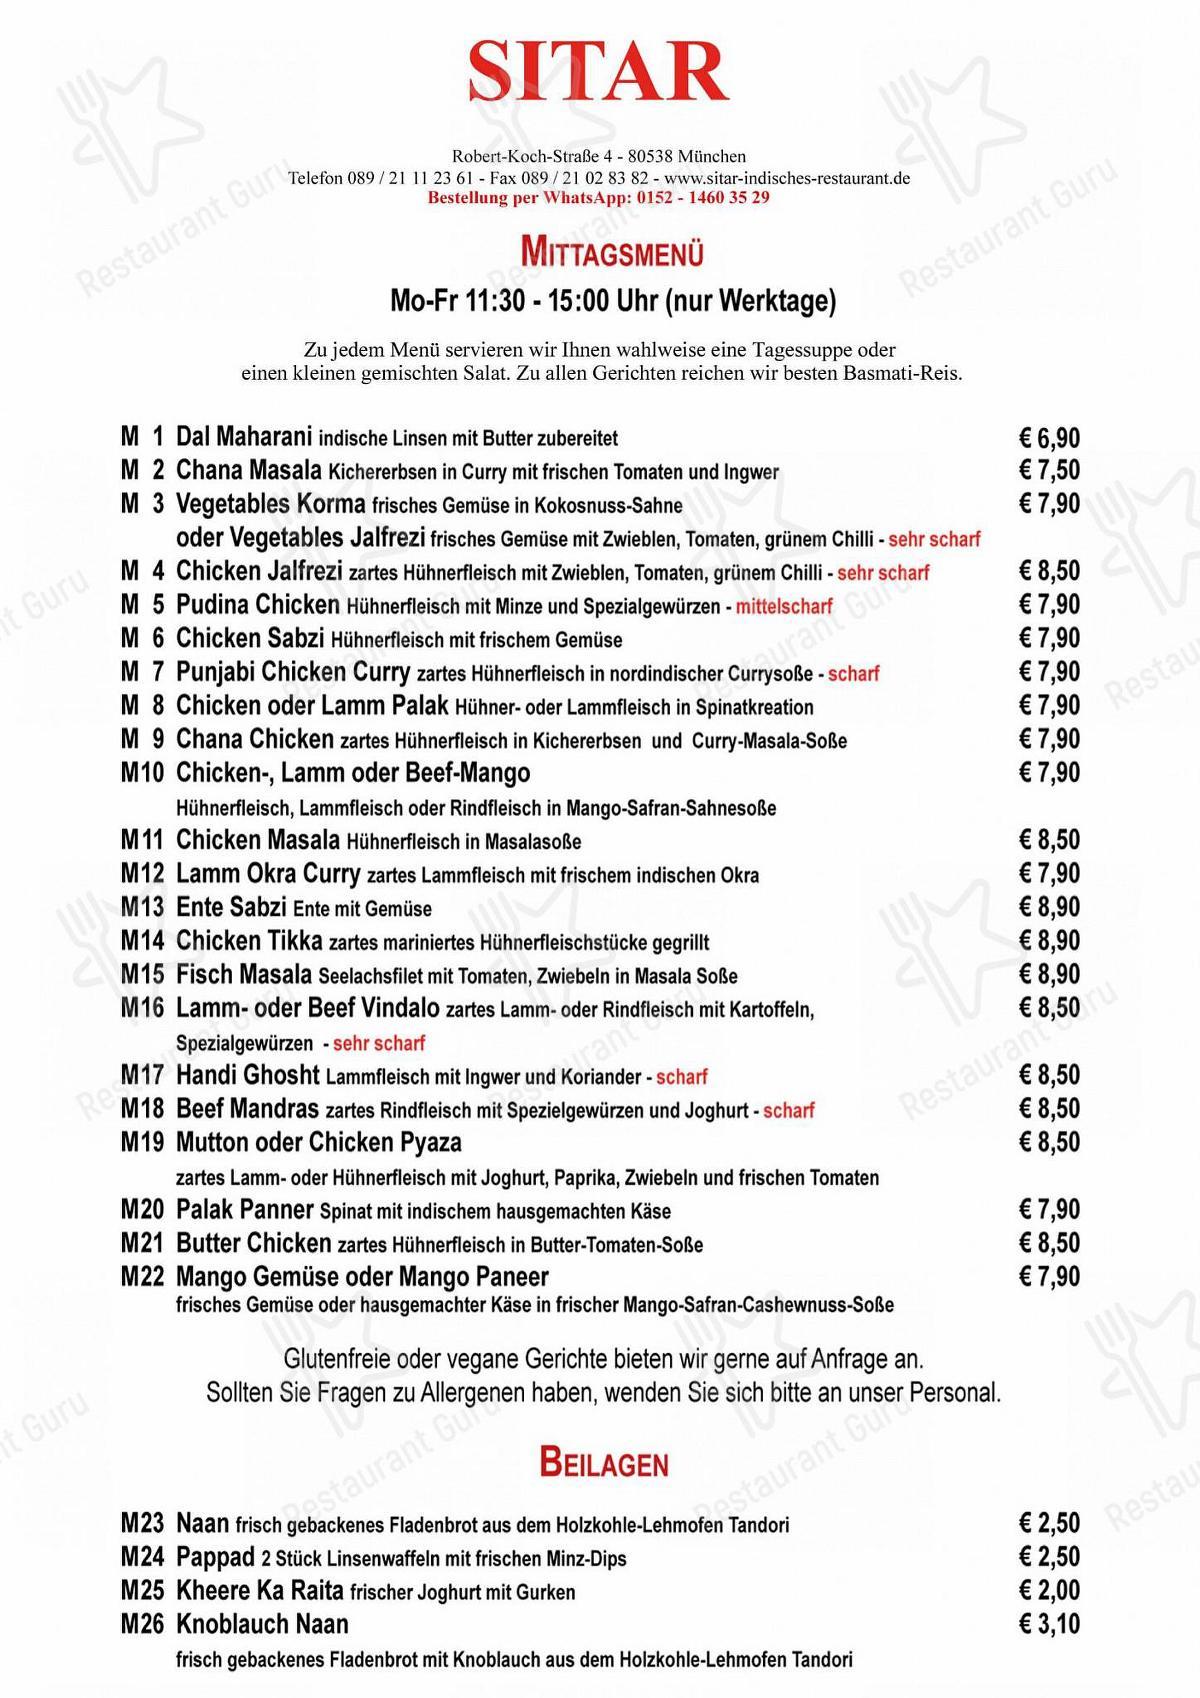 Restaurant Sitar München Speisekarte